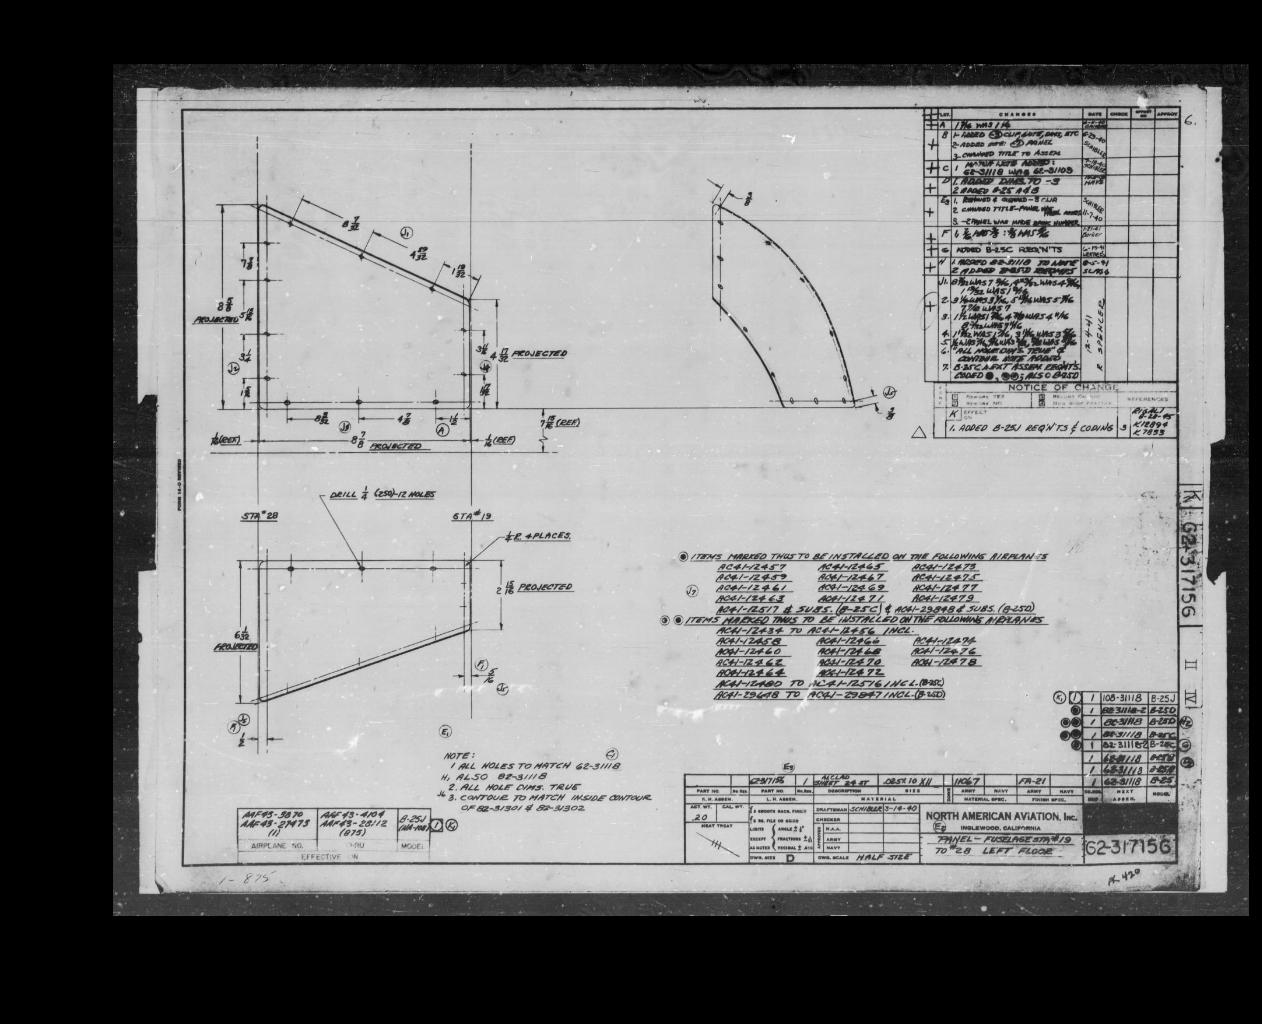 Plan B-25 62-317156.png